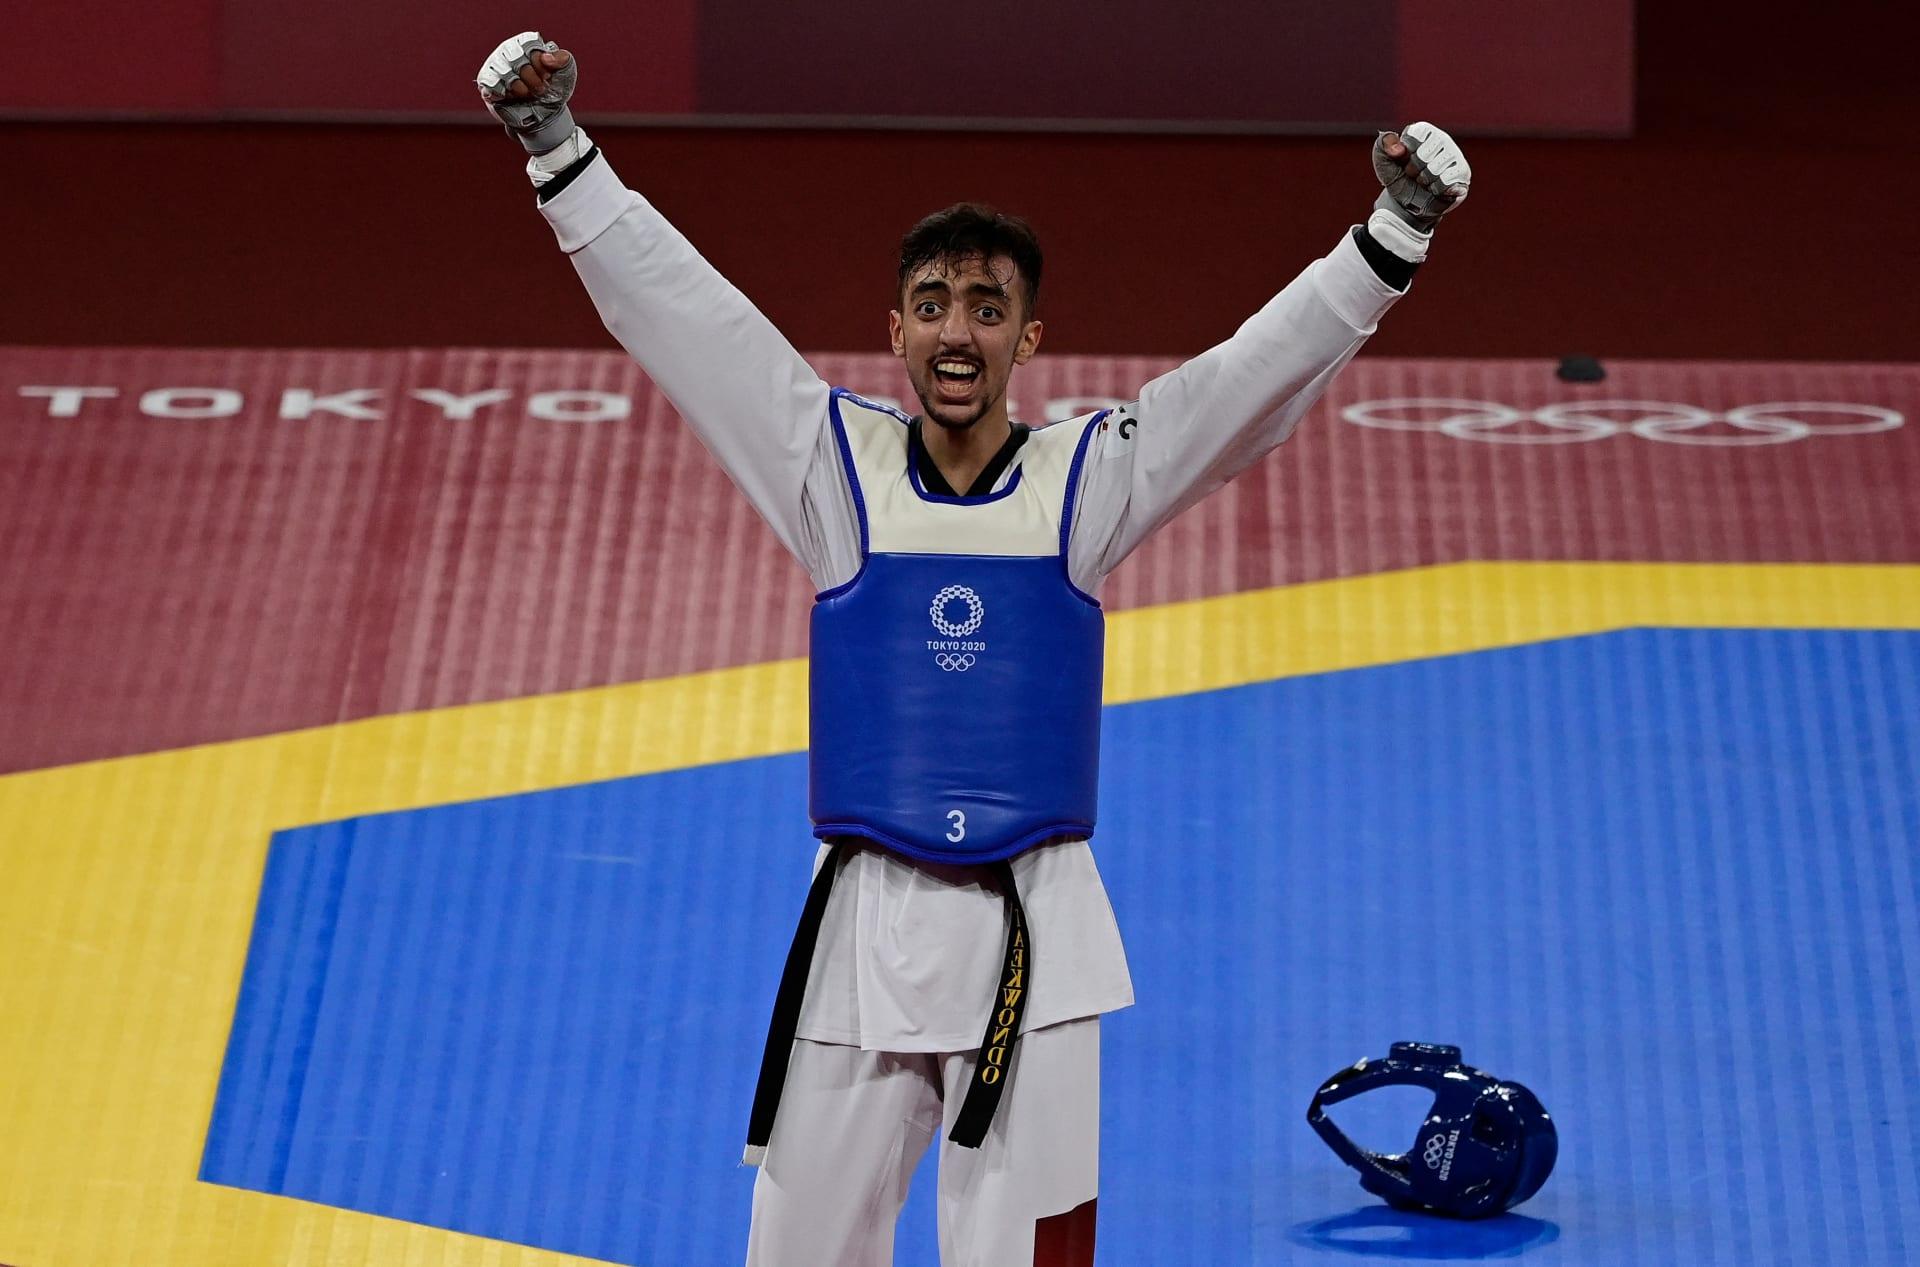 احتفل التونسي محمد خليل الجندوبي بعد فوزه على جانغ جون من فريق كوريا الجنوبية خلال منافسات نصف نهائي التايكوندو وزن -58 كلغ رجال في اليوم الأول من أولمبياد طوكيو 2020